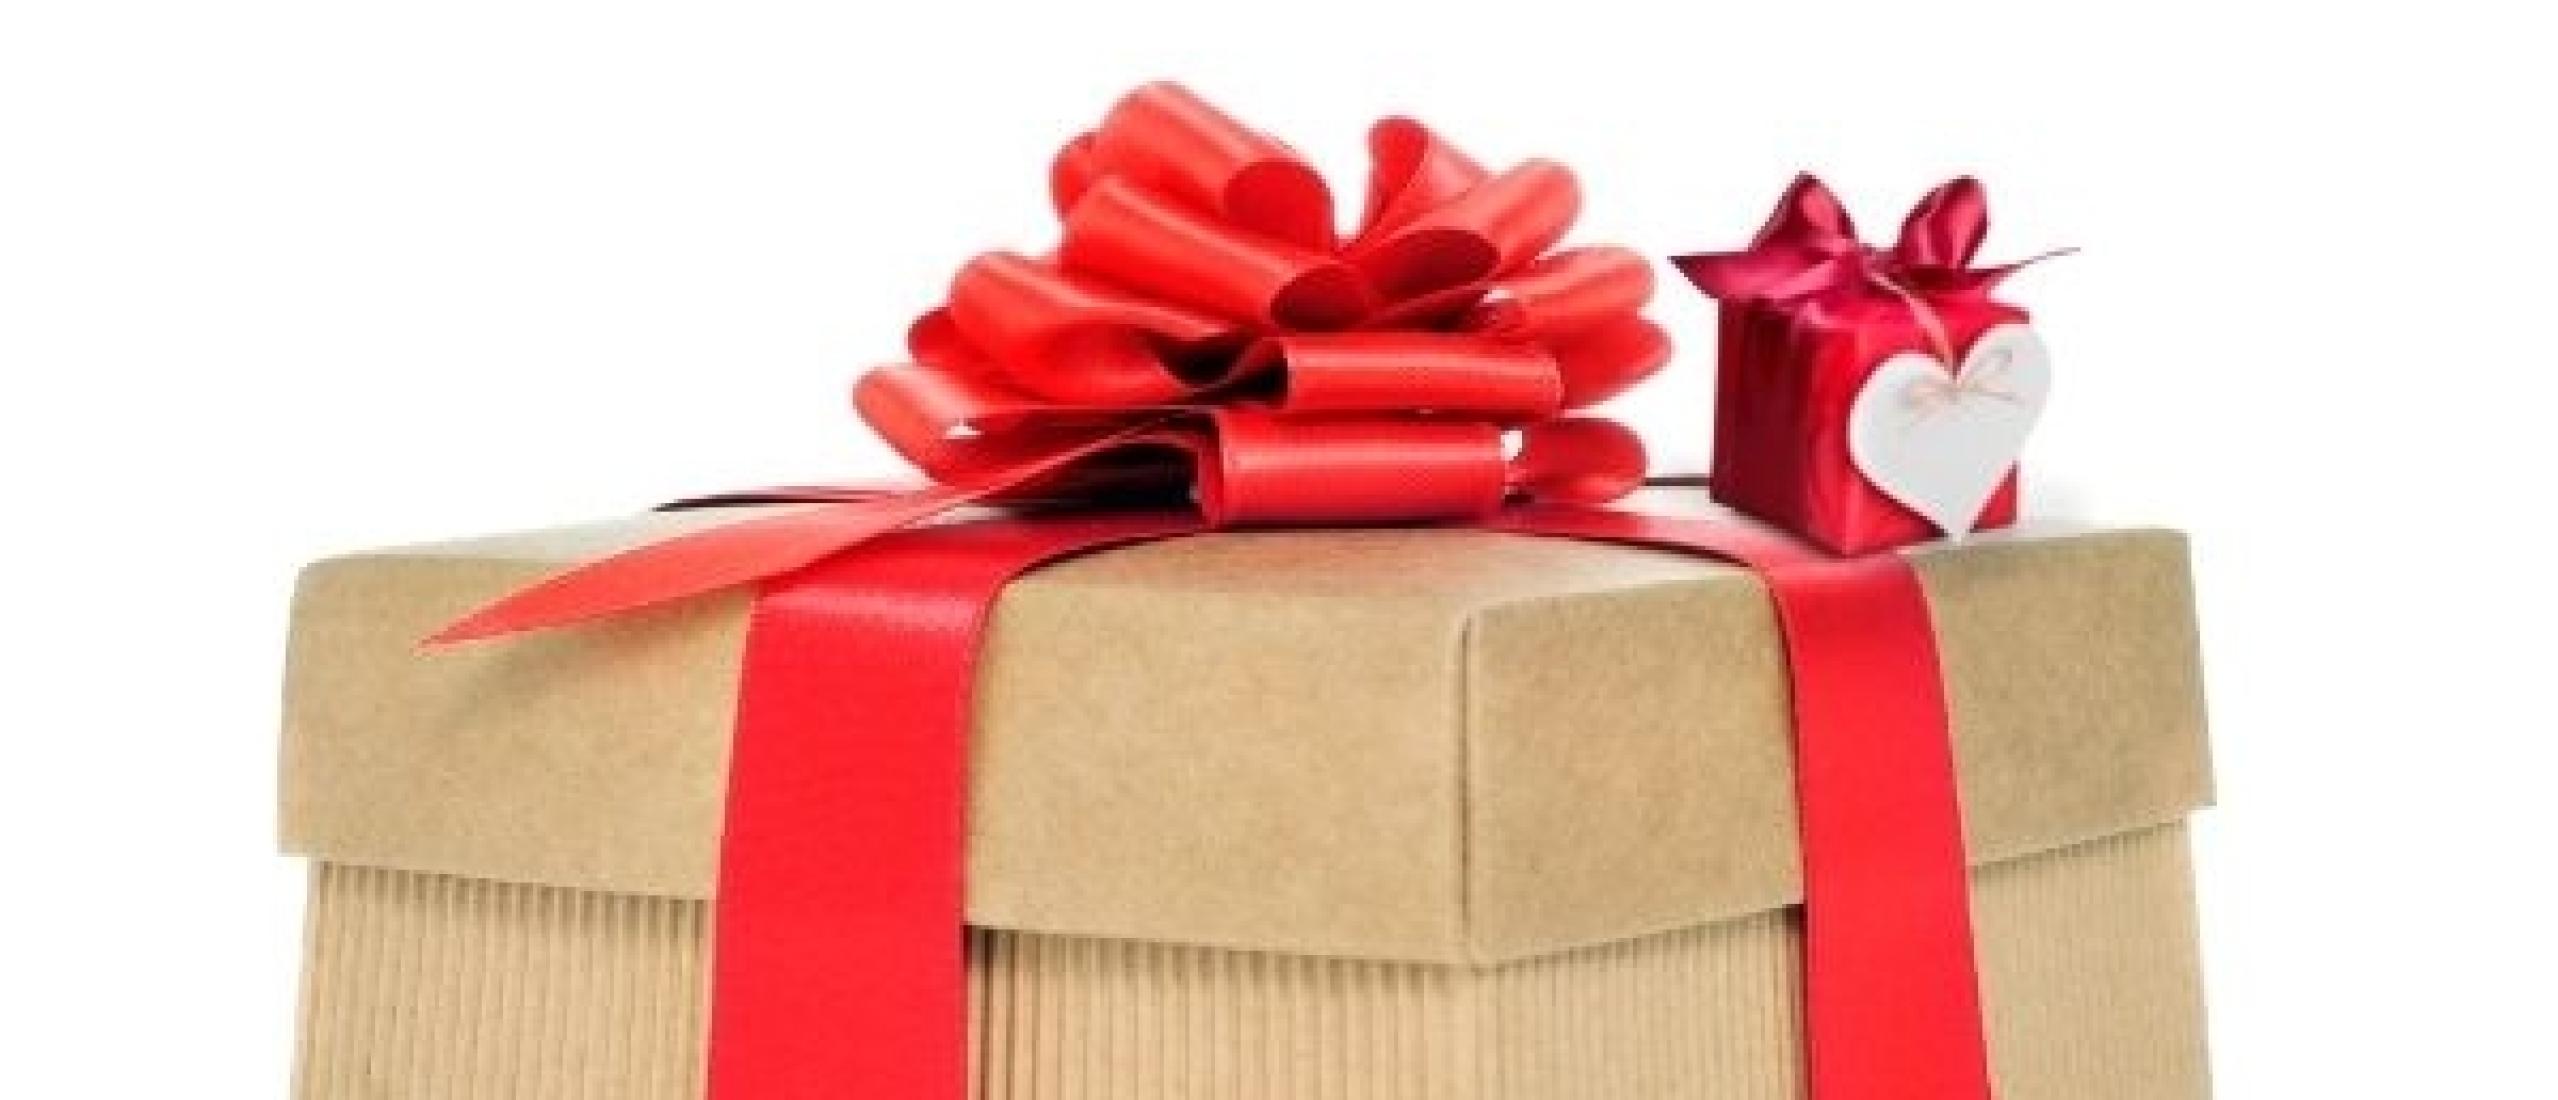 De persoonlijke boodschap afgeven met een duurzaam cadeau